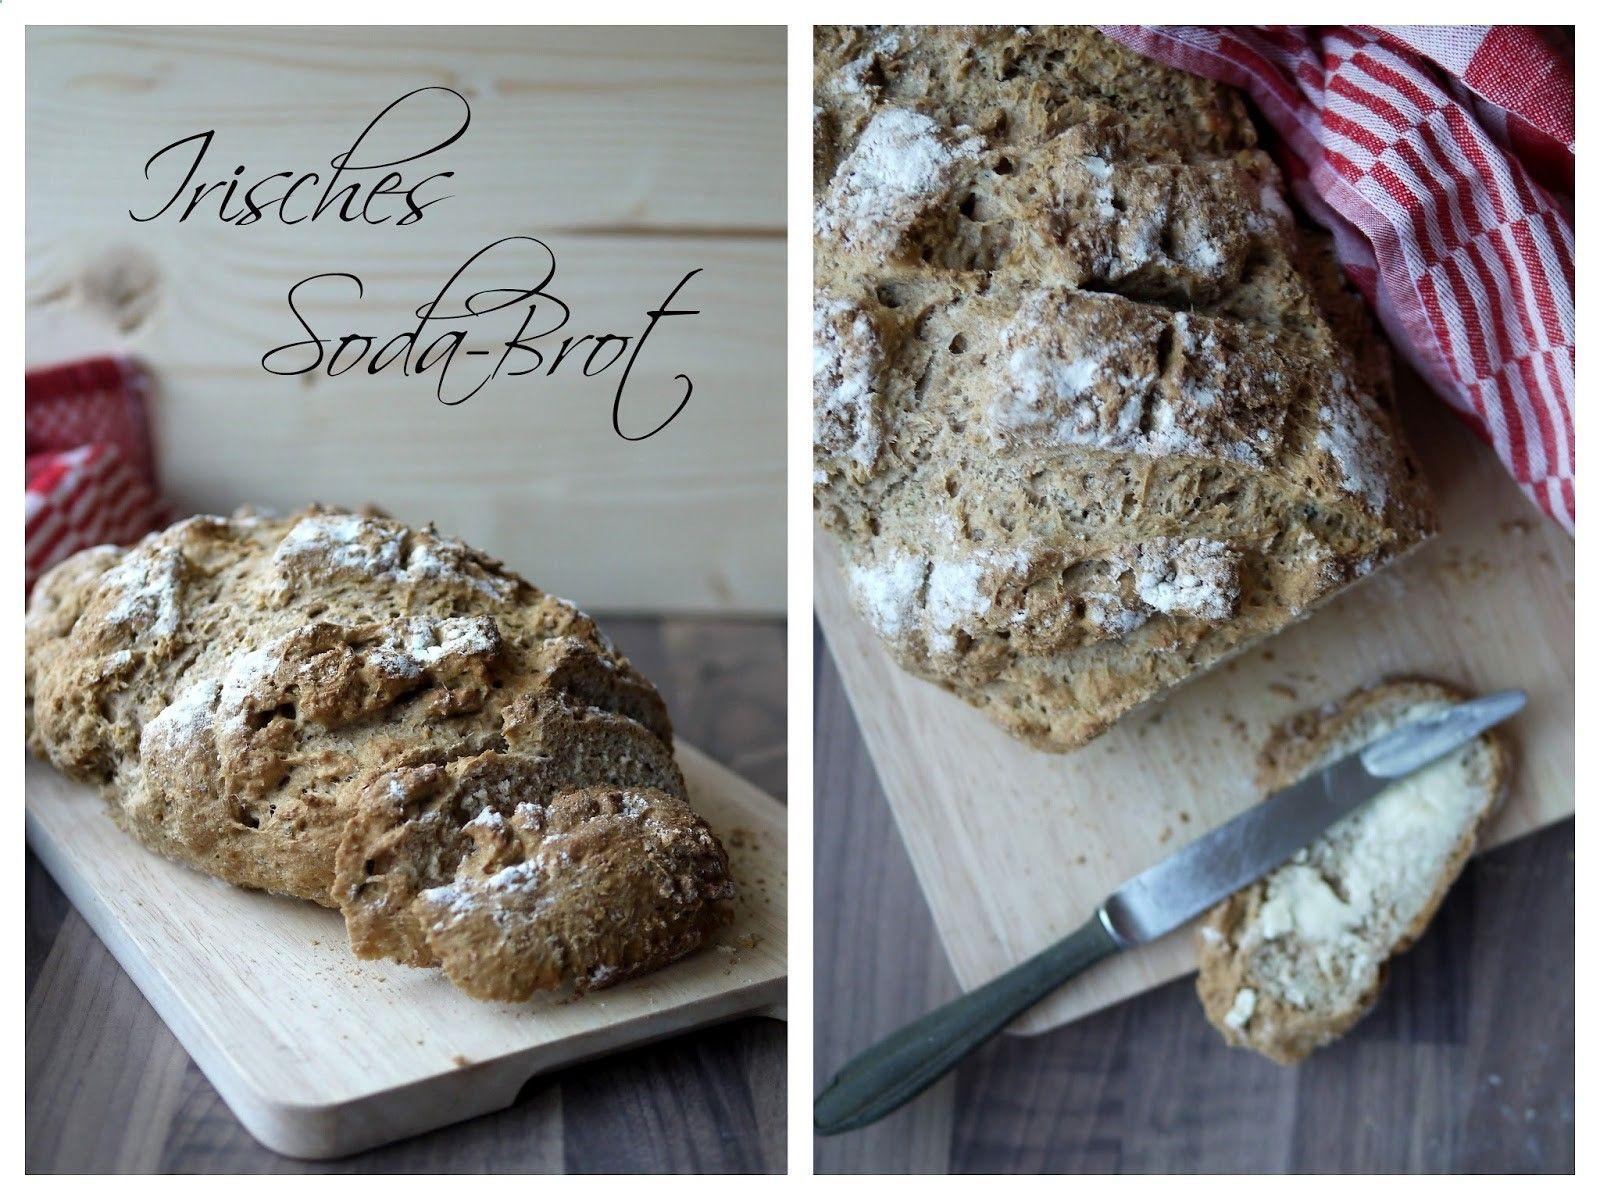 Experimente Aus Der Küche | Experimente Aus Meiner Kuche Irisches Soda Brot Health Pinterest